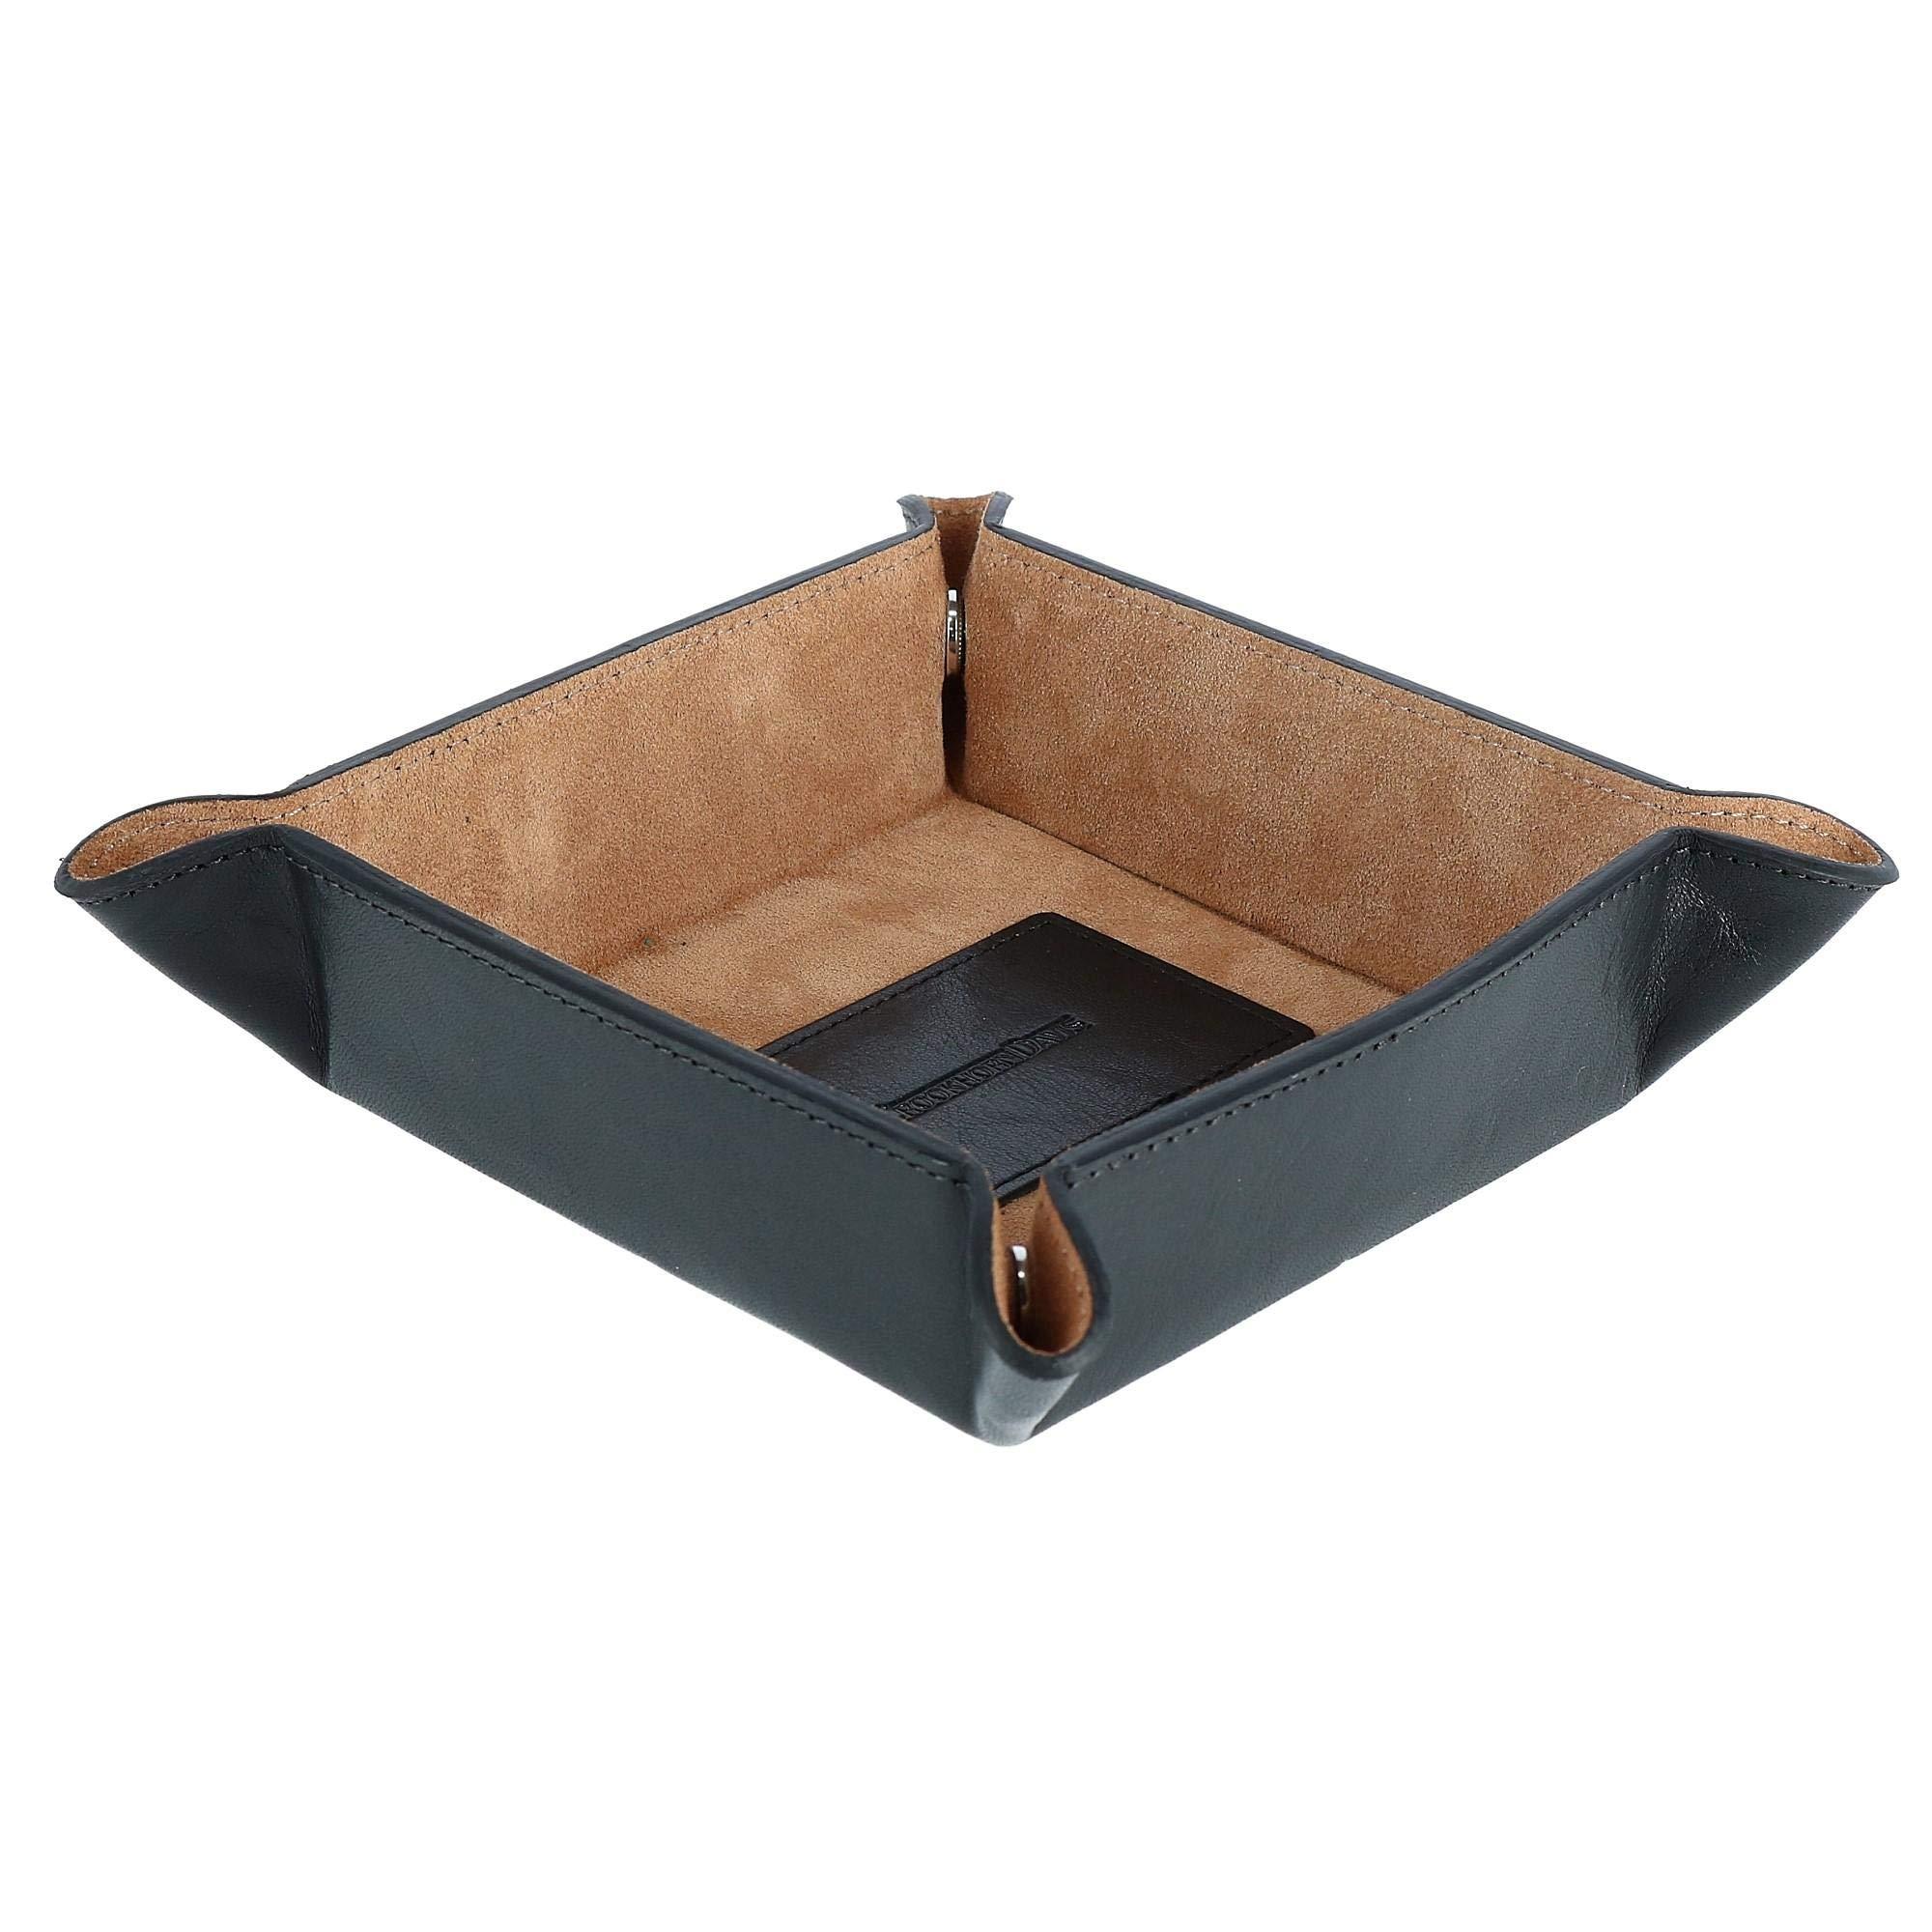 CrookhornDavis Men's Italian Vachetta Calfskin Leather Valet Tray